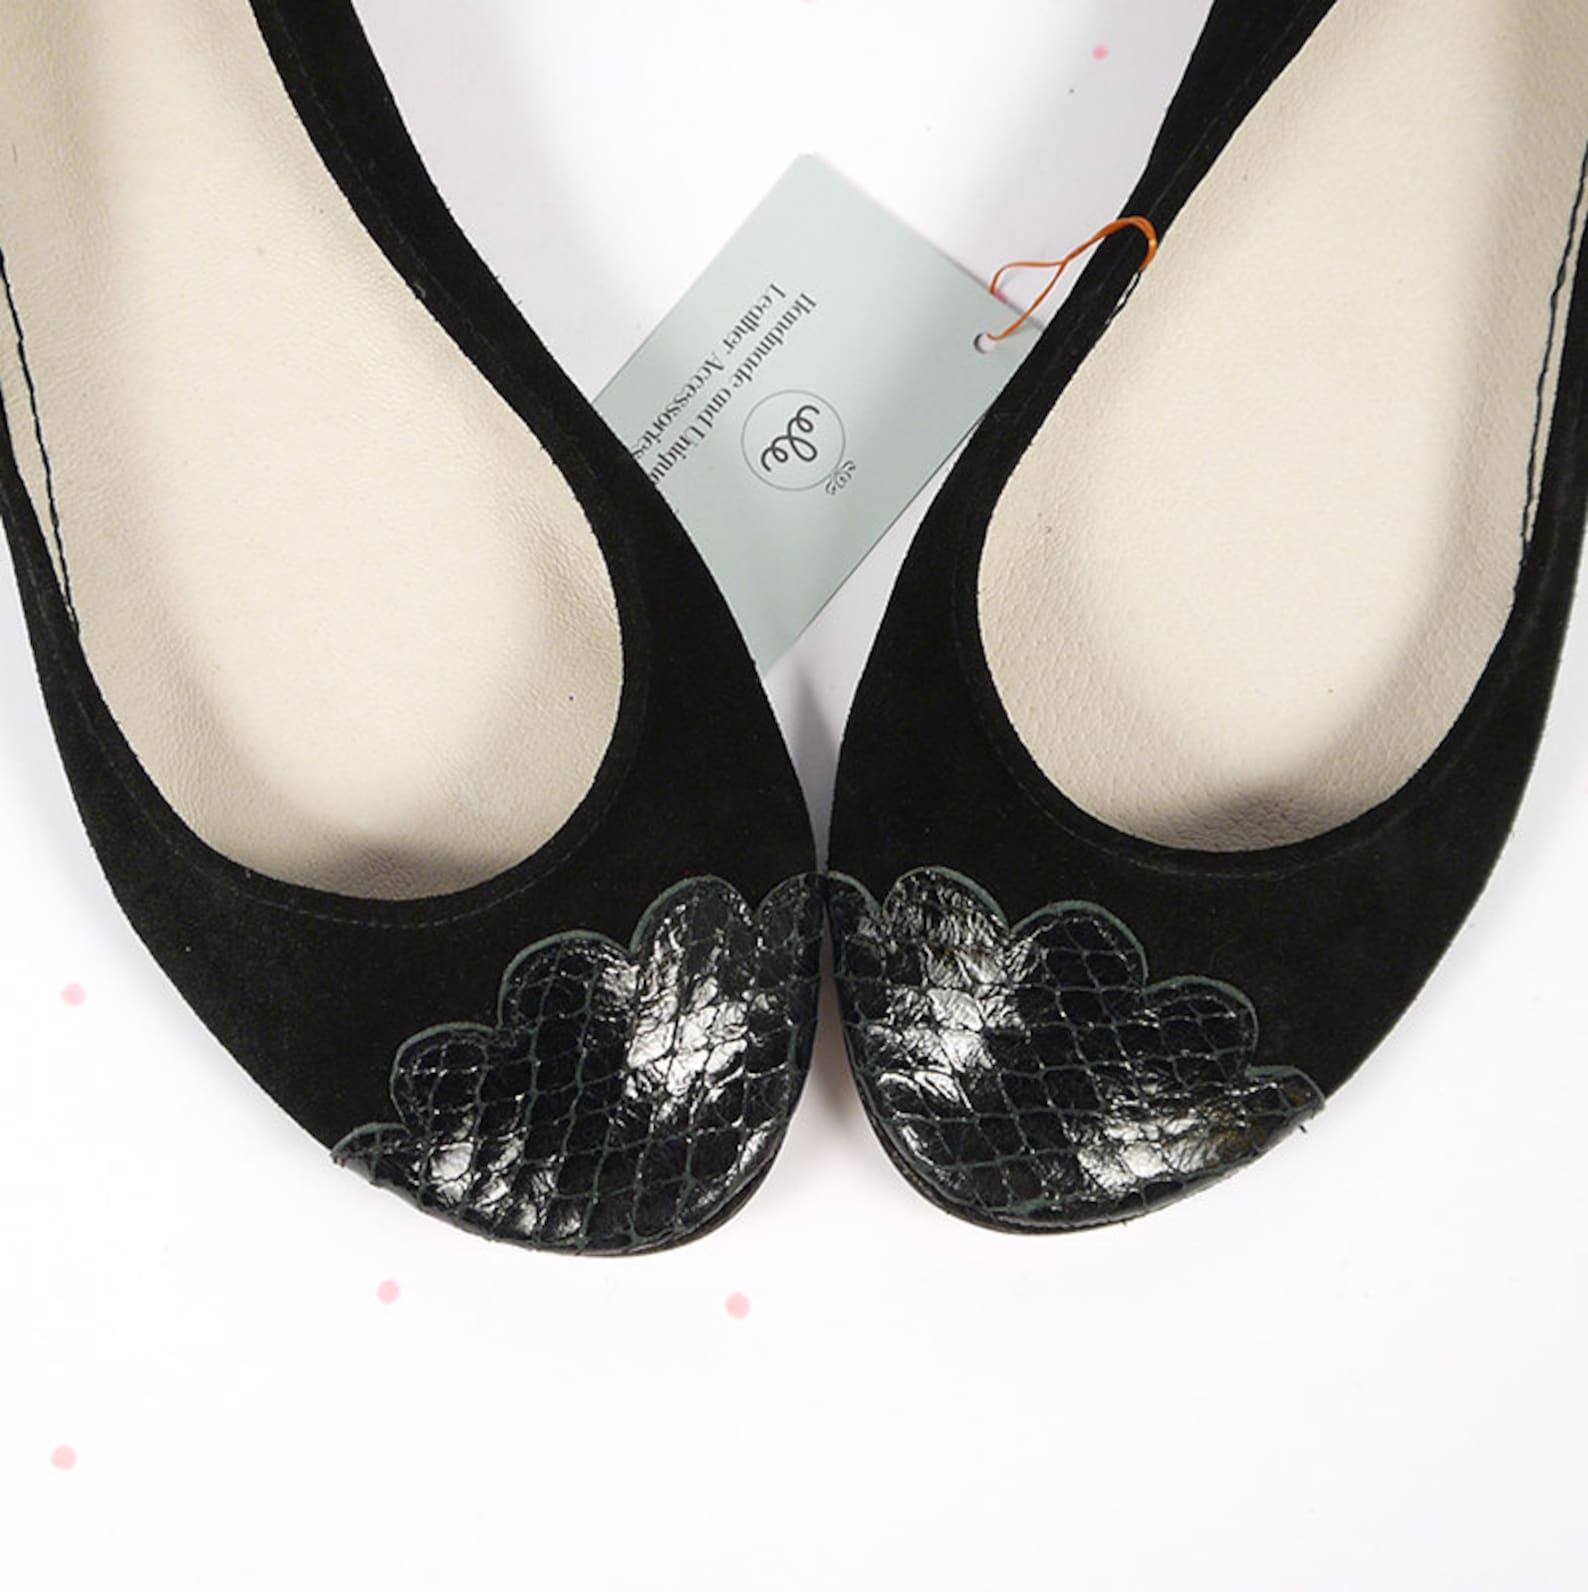 ballet flats shoes. black leather flats shoes. black handmade shoes. women flat shoes. snake scalloped toe ballerinas. comfortab